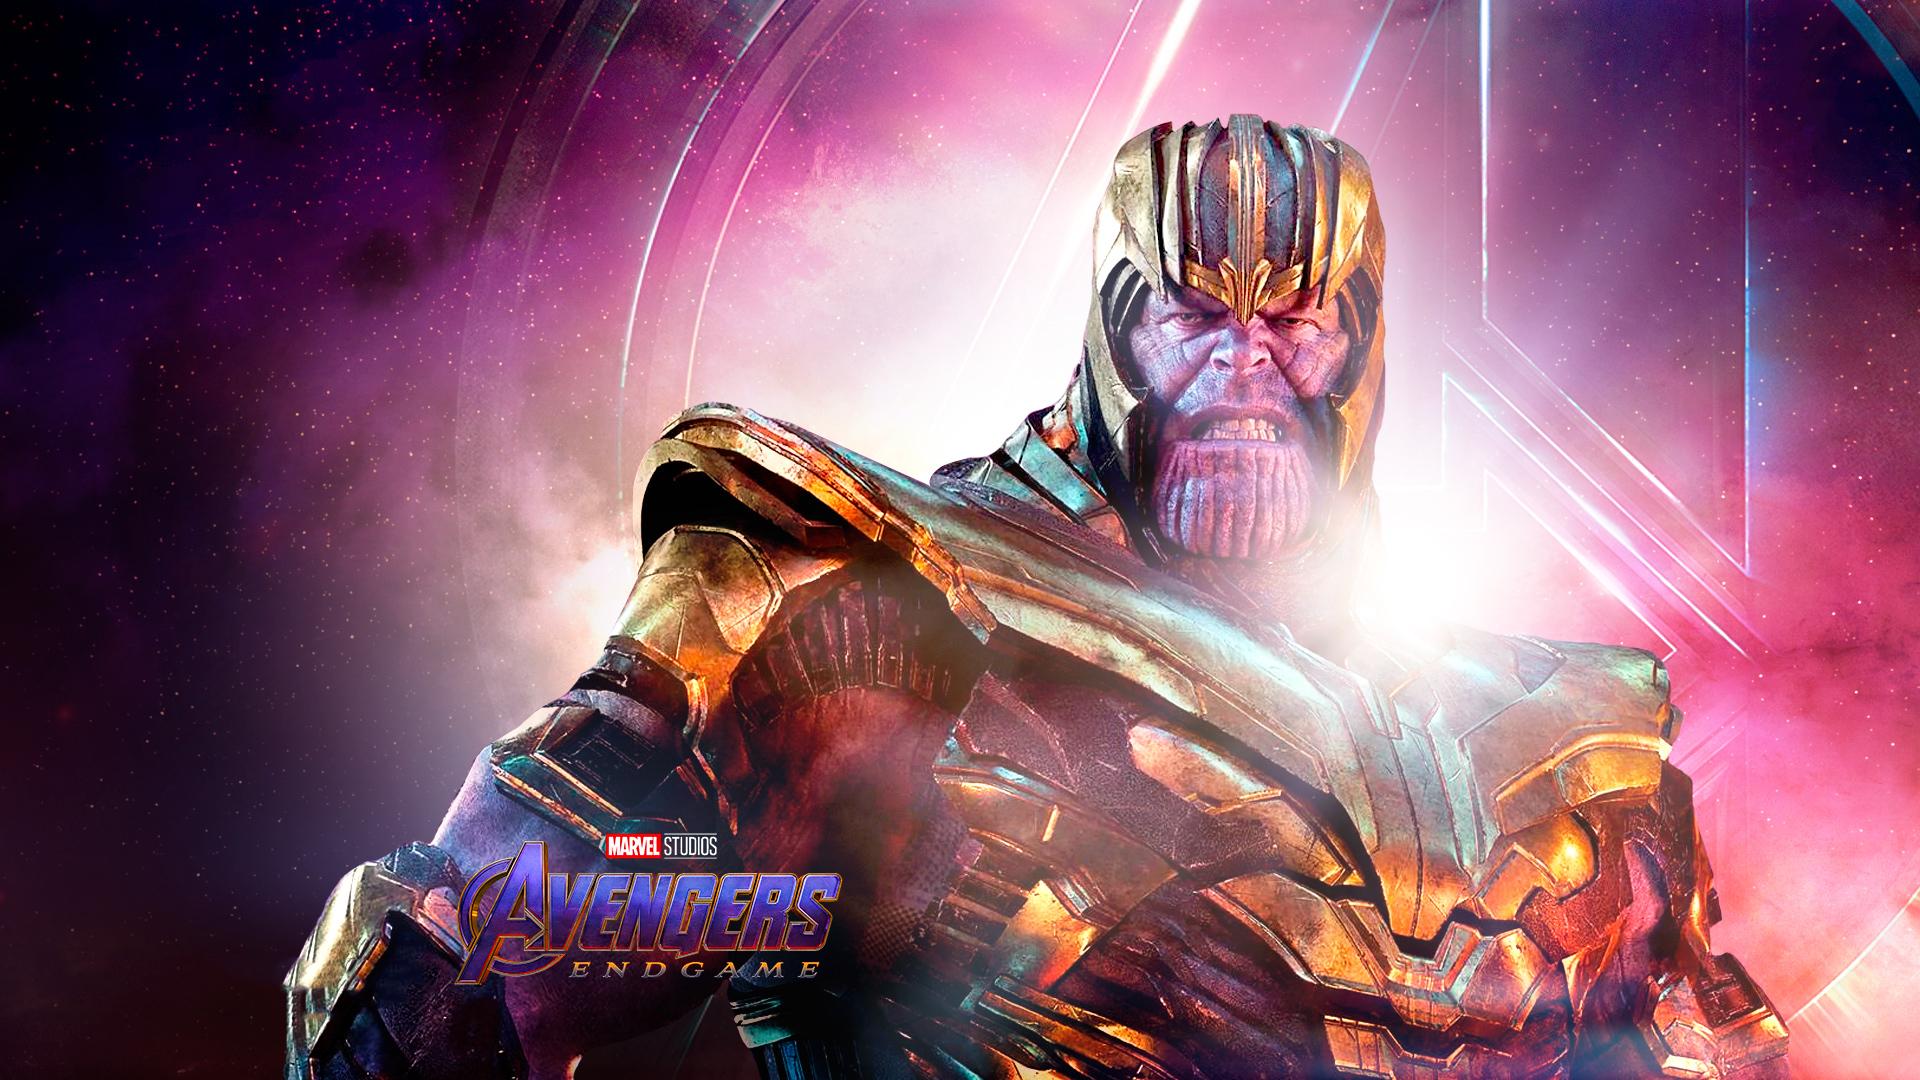 1920x1080 2019 Thanos Avengers Endgame Laptop Full HD ...